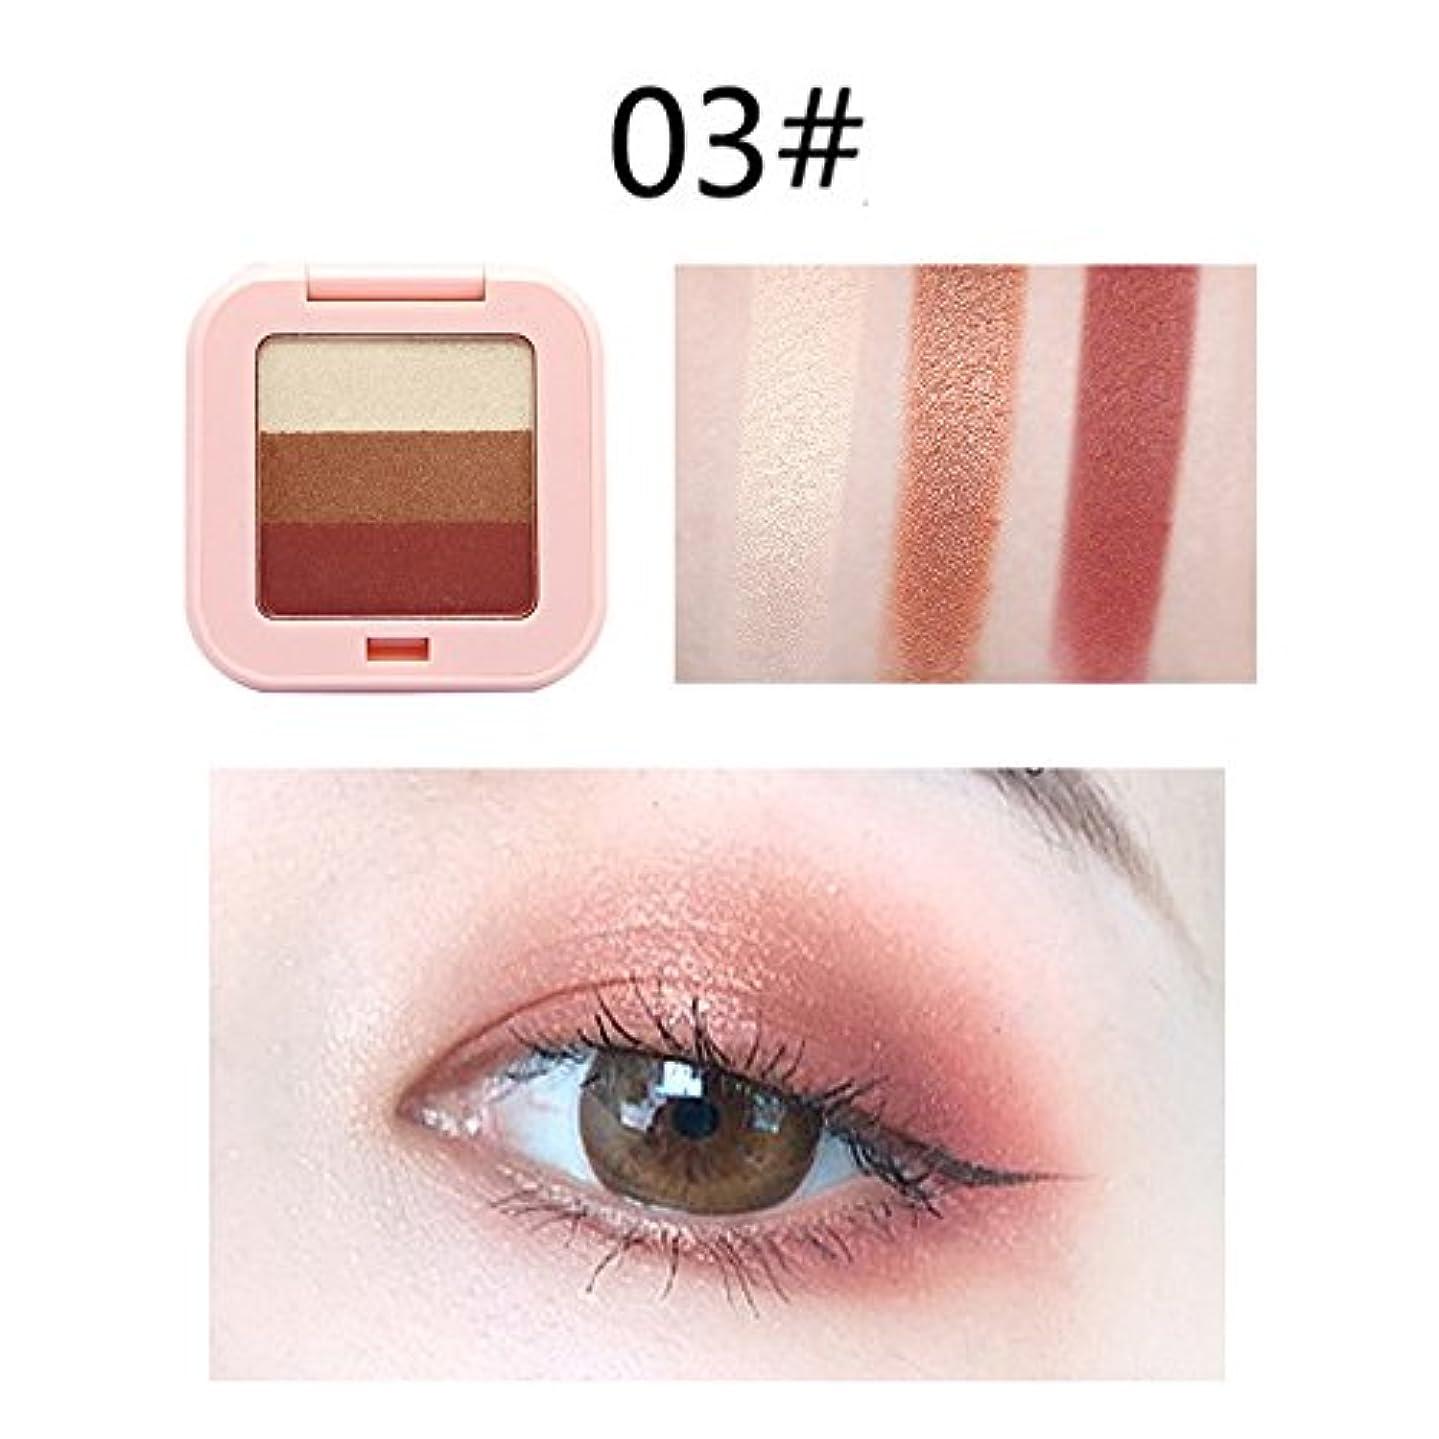 言い聞かせる関係ないアルミニウムLazayyii 3色アイシャドウ アイシャドウパレット Eye Shadow グリッターアイシャドウ パール マットマット高発色 透明感 保湿成分 暖色系 (C)